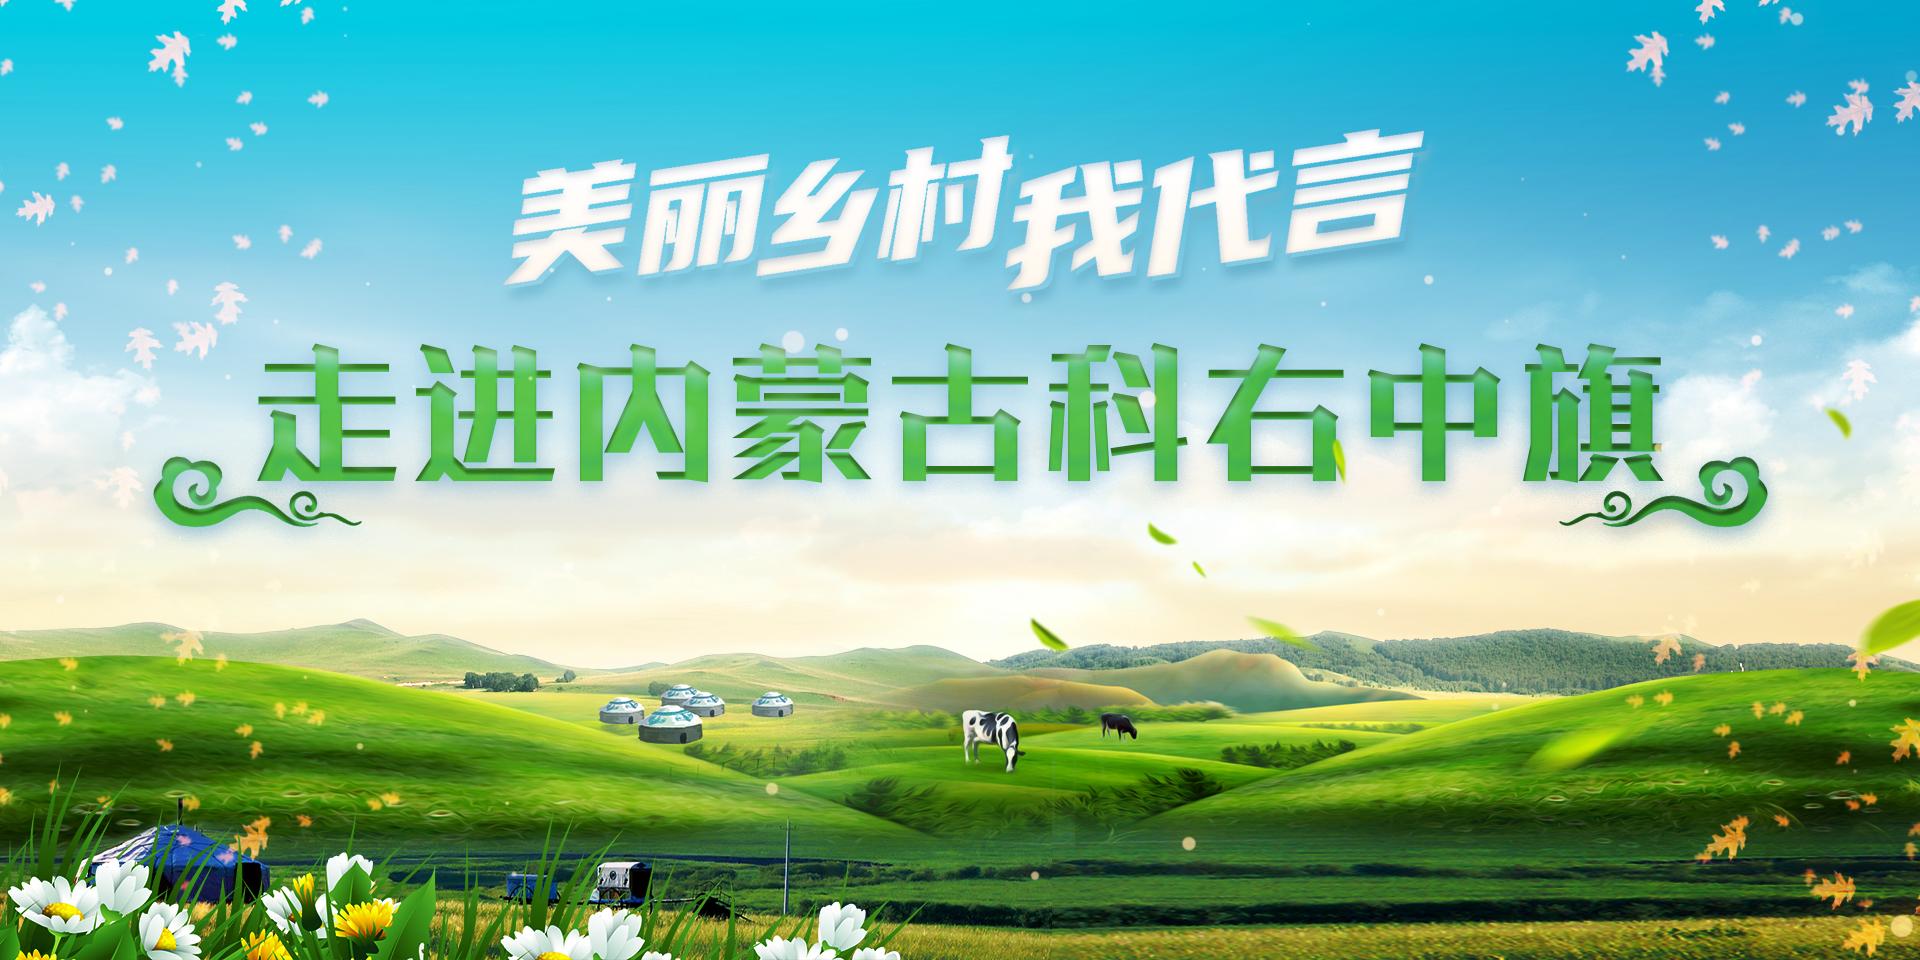 【美丽乡村我代言】走进内蒙古科右中旗